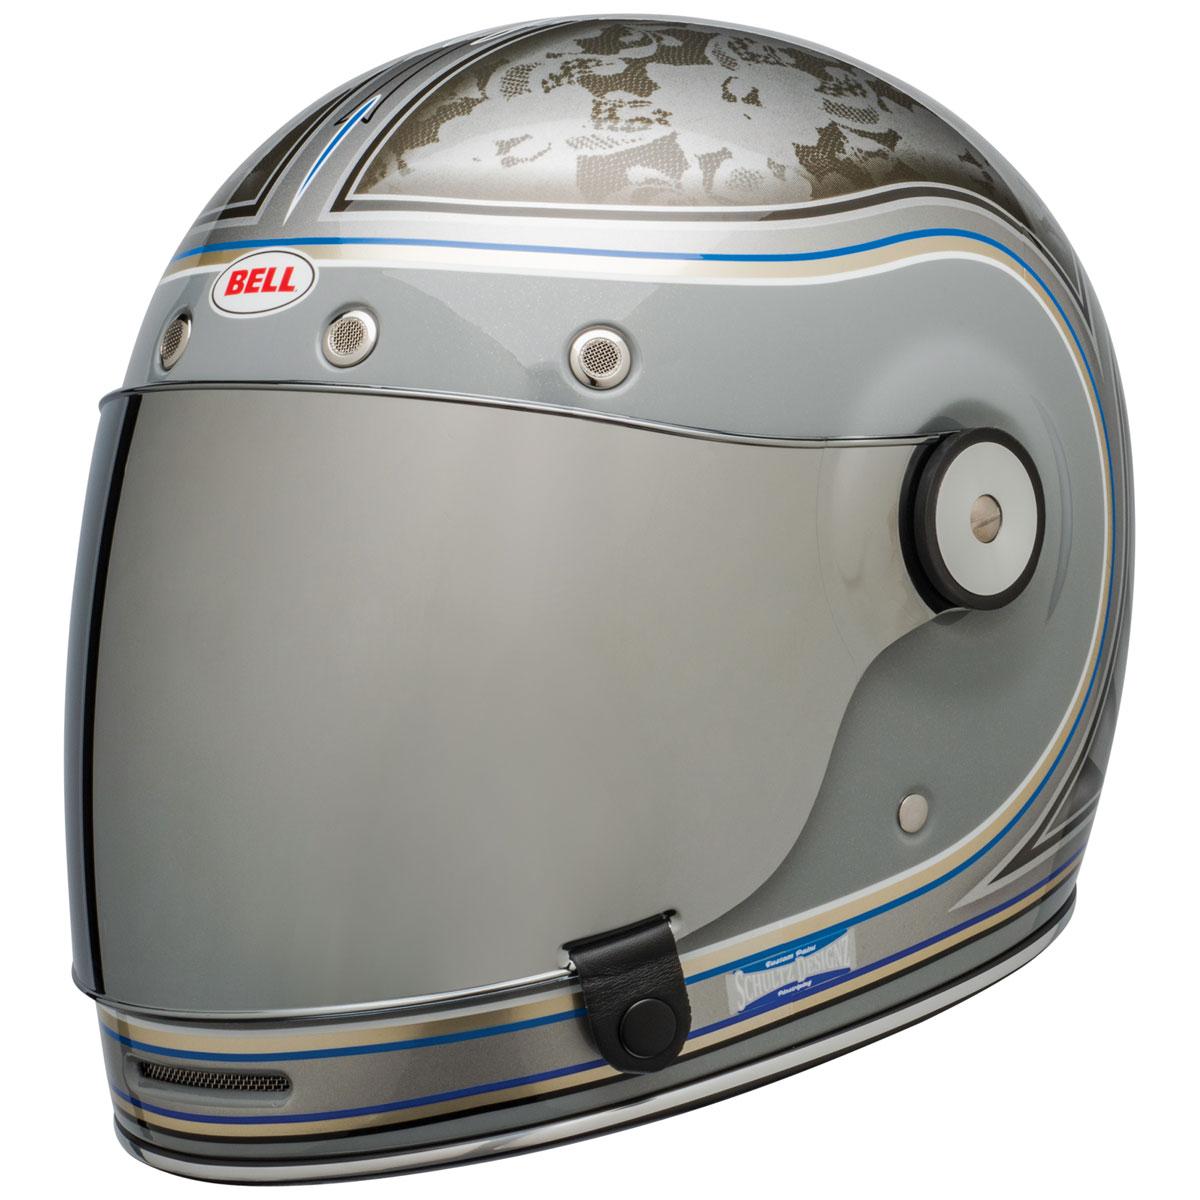 Bell Bullitt SE Schultz Century Silver Full Face Helmet